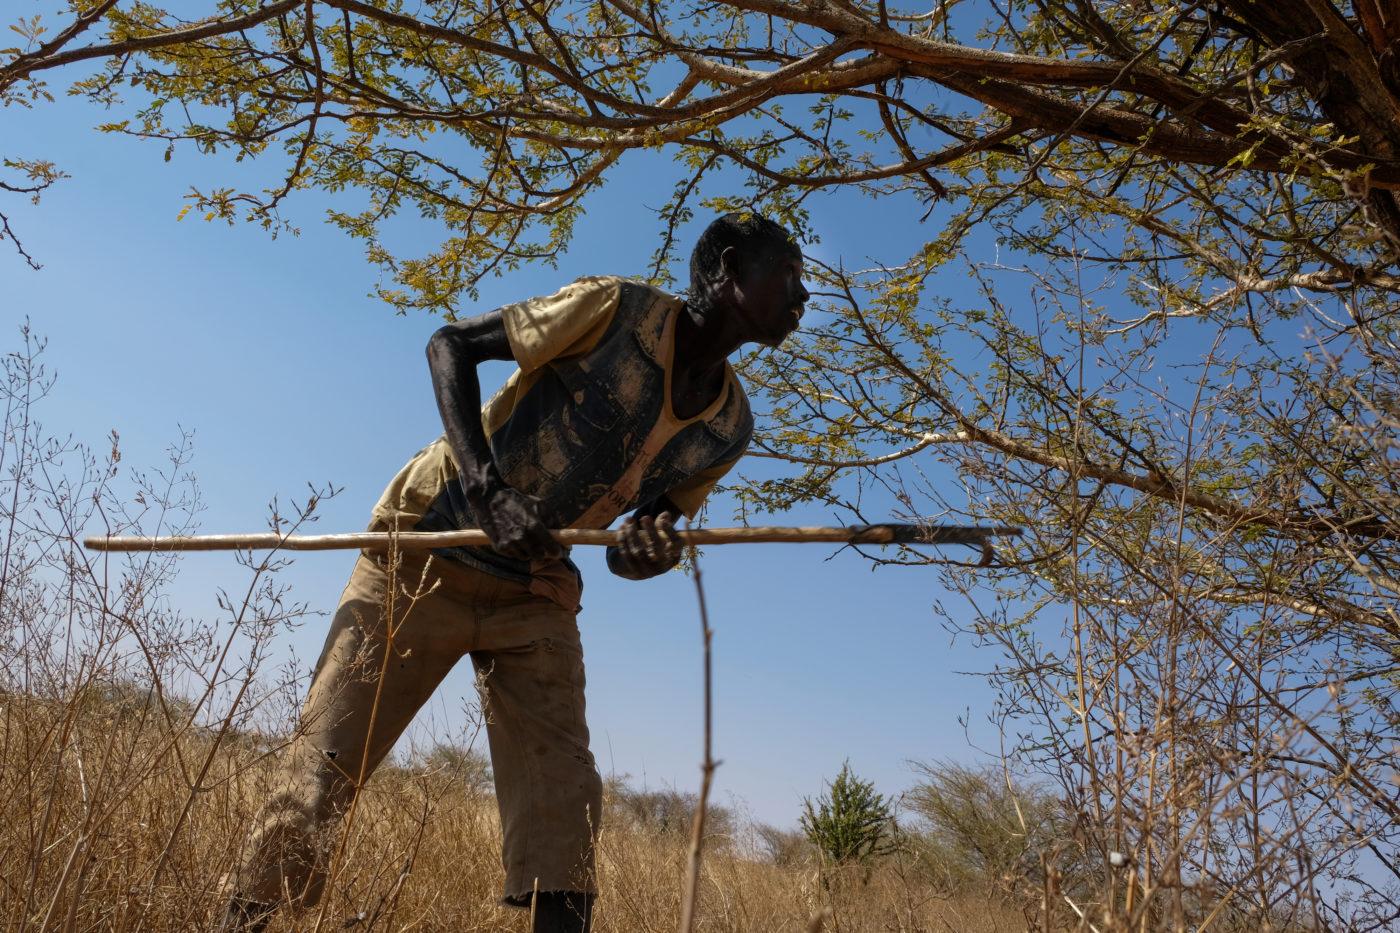 Mies seisoo pitkä keppi käsissään puun edessä. En man står framför ett träd och håller en lång käpp i handen.